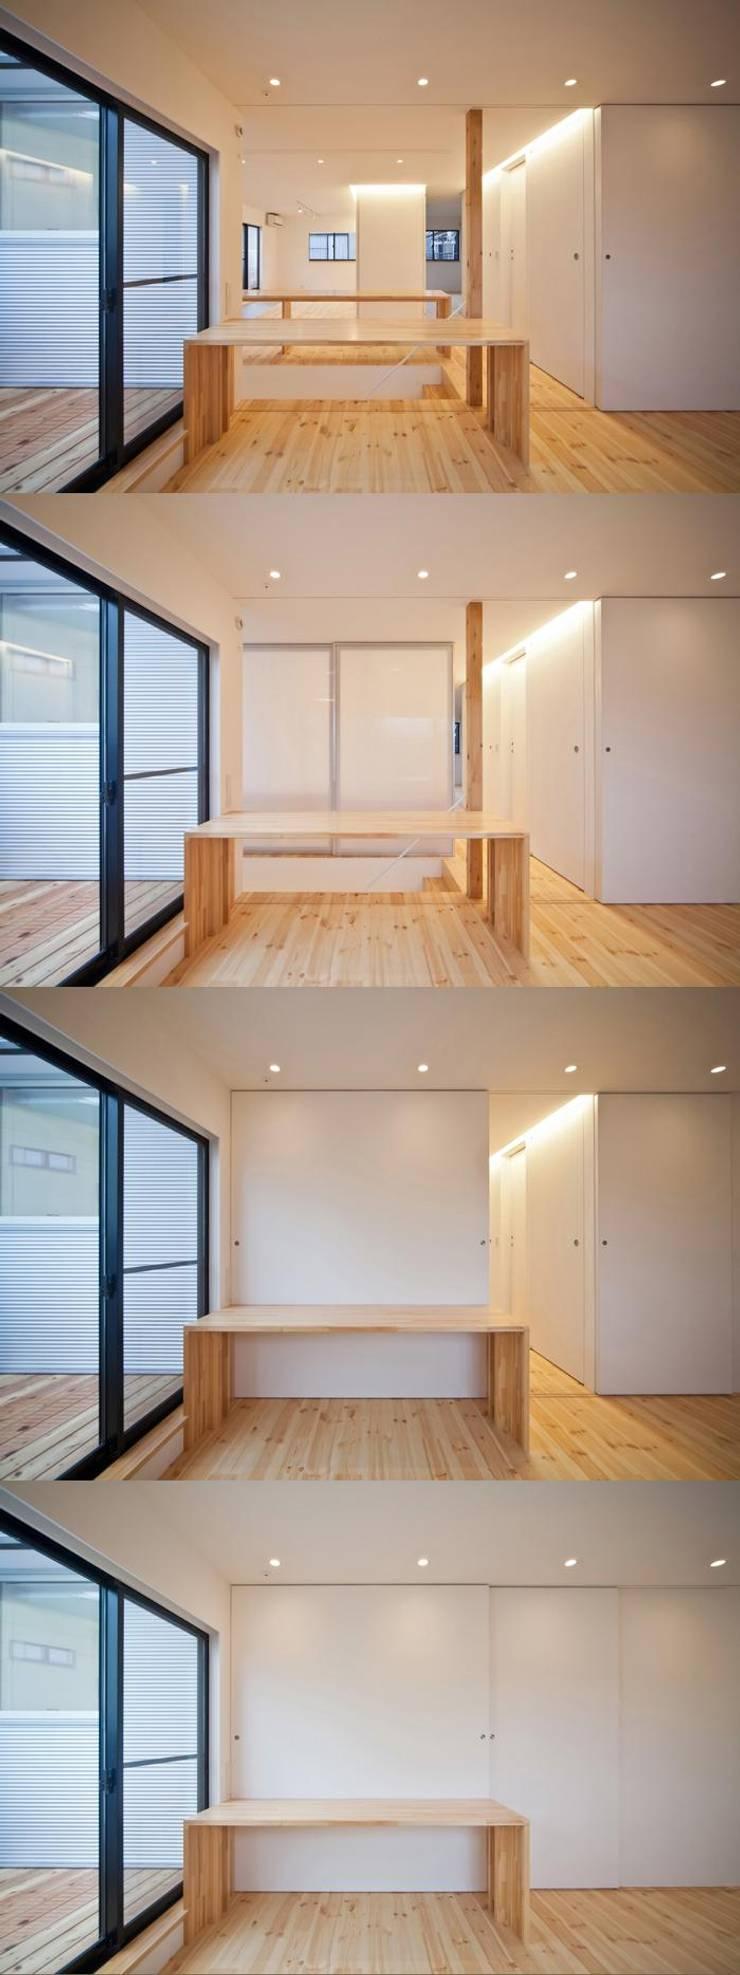 子供の成長や、ライフシーンに併せて七変化する子供スペース: 星設計室が手掛けた子供部屋です。,モダン 木 木目調